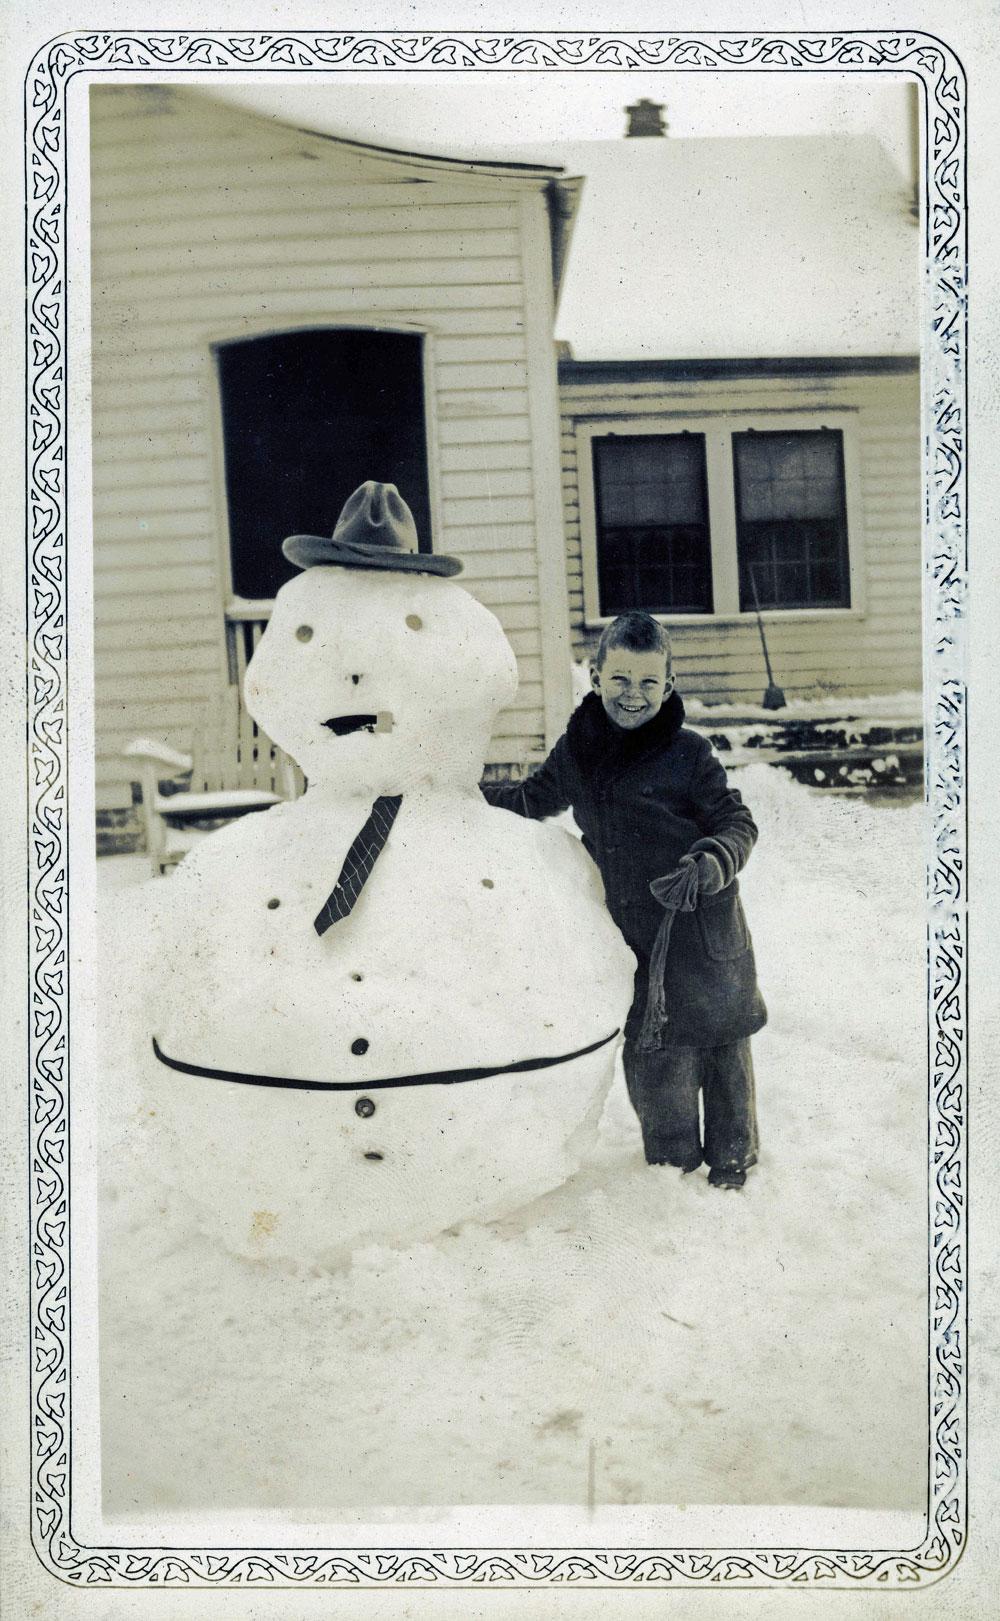 bonhomme neige ancien photo 54 Des bonshommes de neige à lancienne